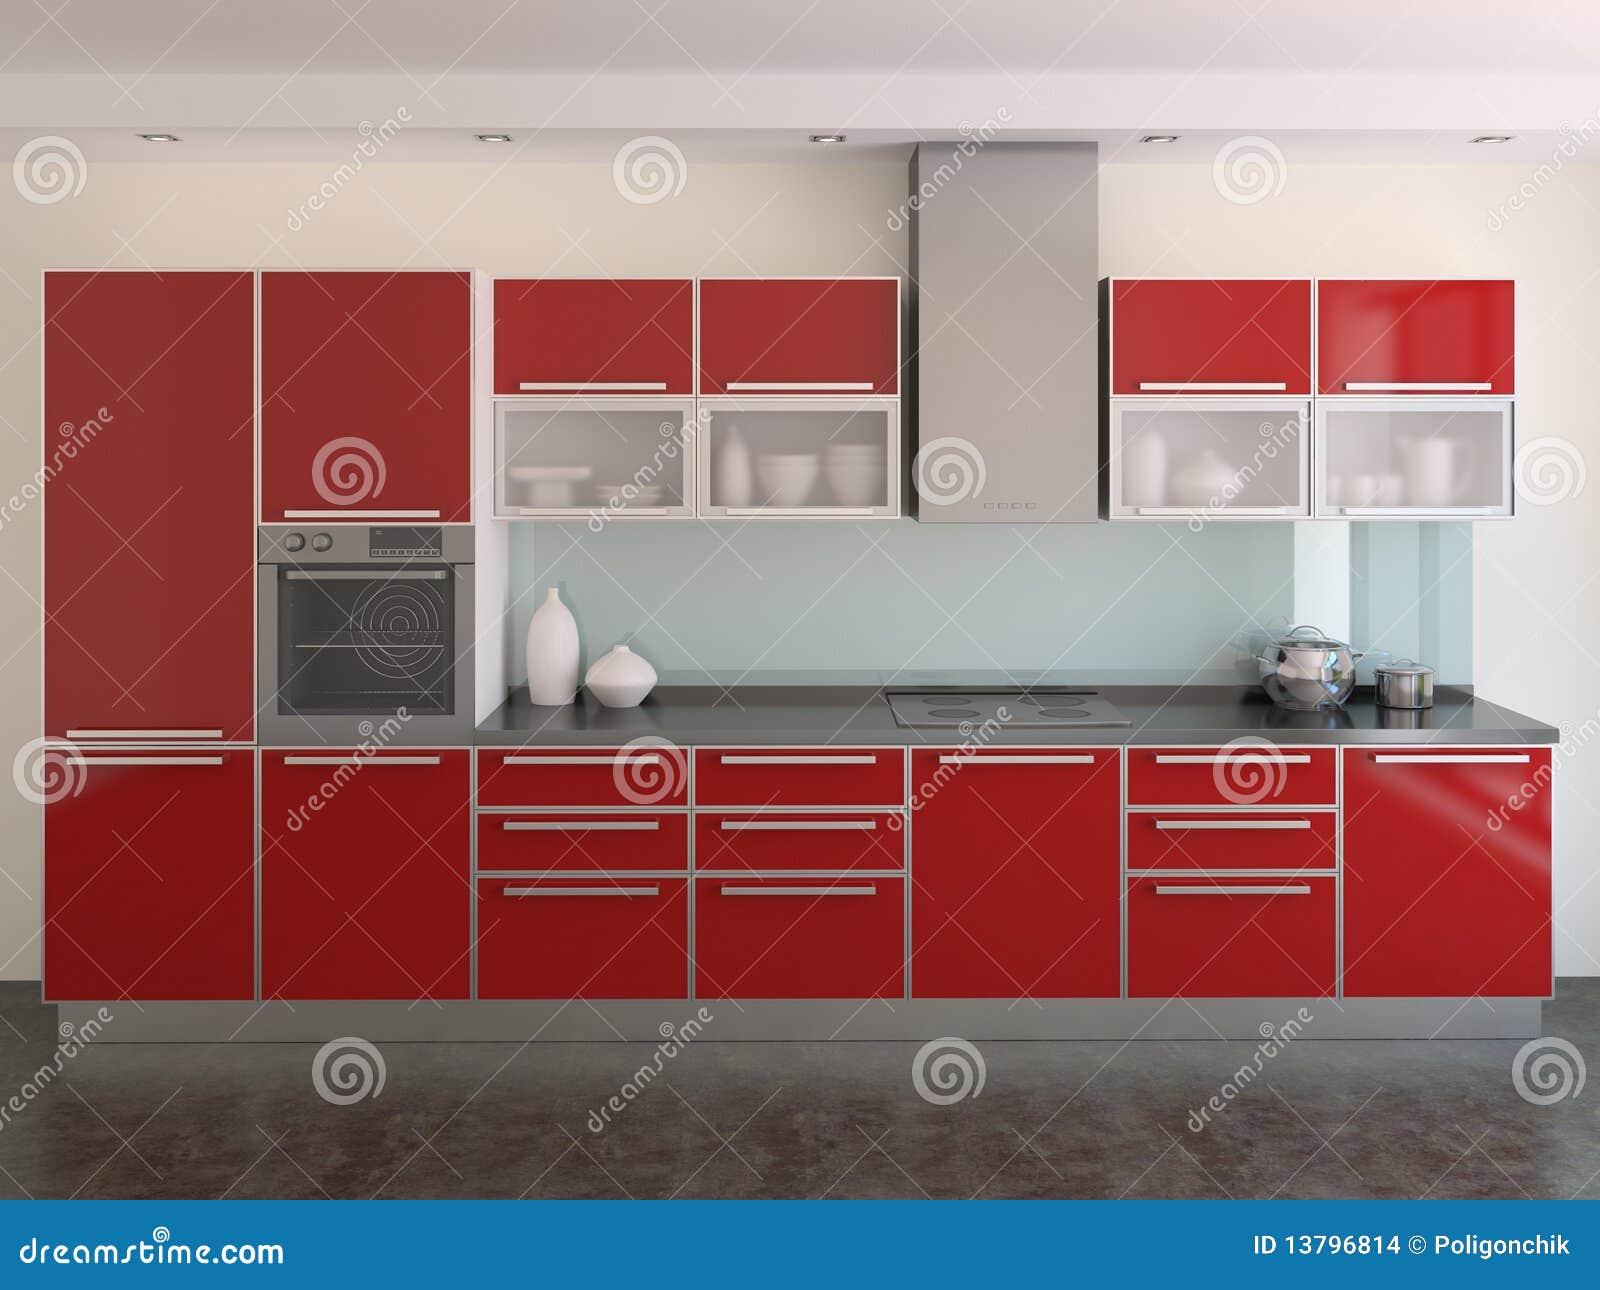 Cozinha Vermelha Moderna Imagens de Stock Imagem: 13796814 #872726 1300 1065